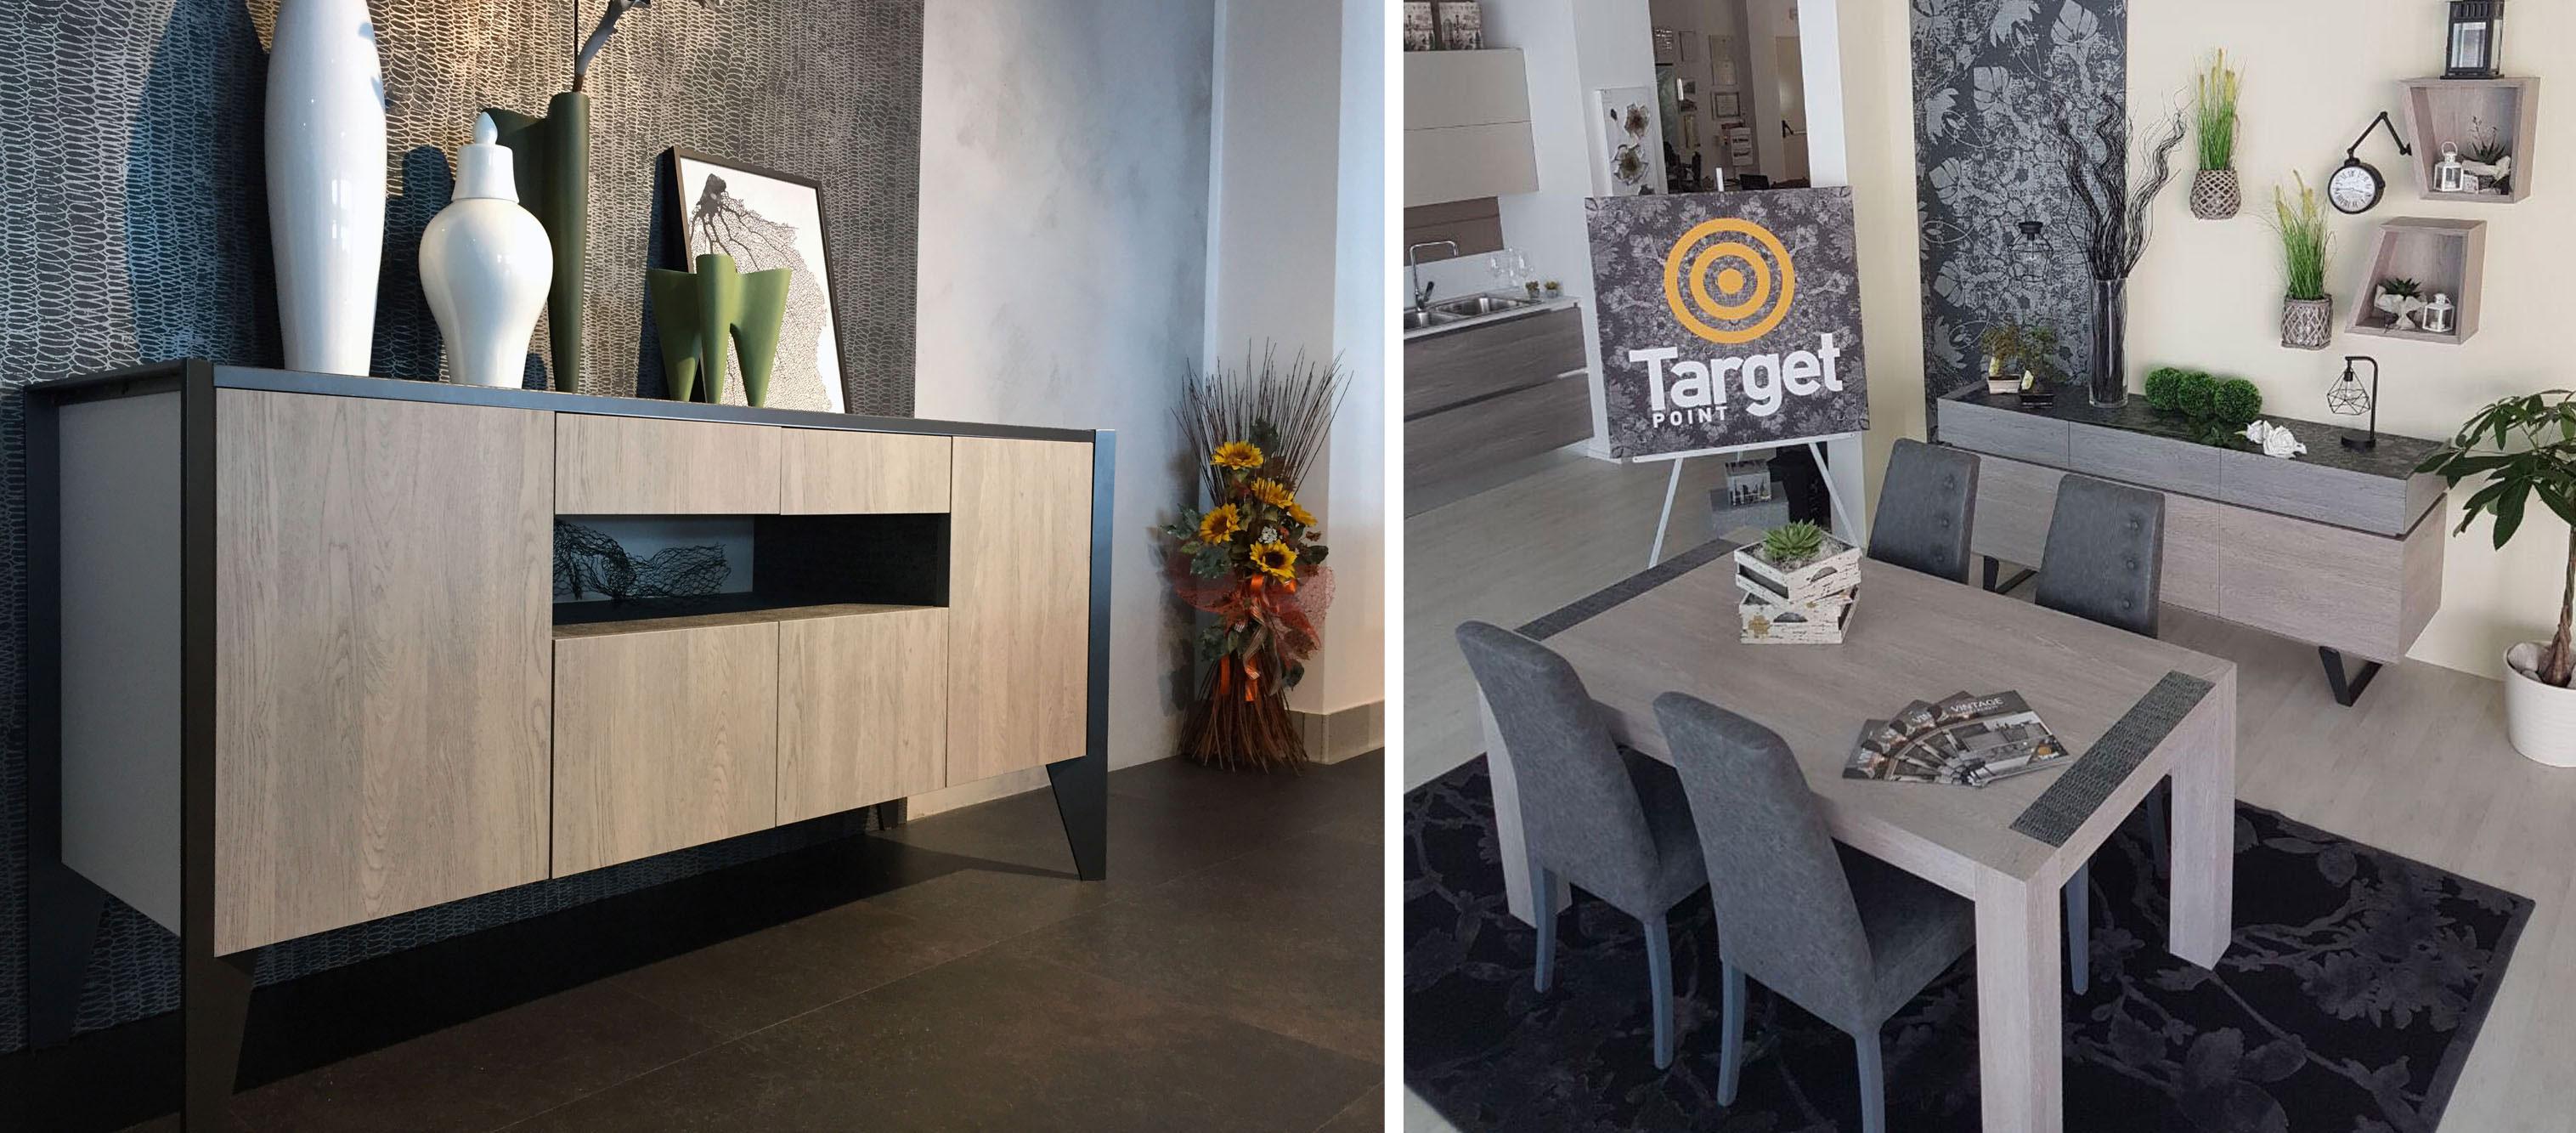 Boiserie target point decorazioni in stile vintage for Fiusco arredi